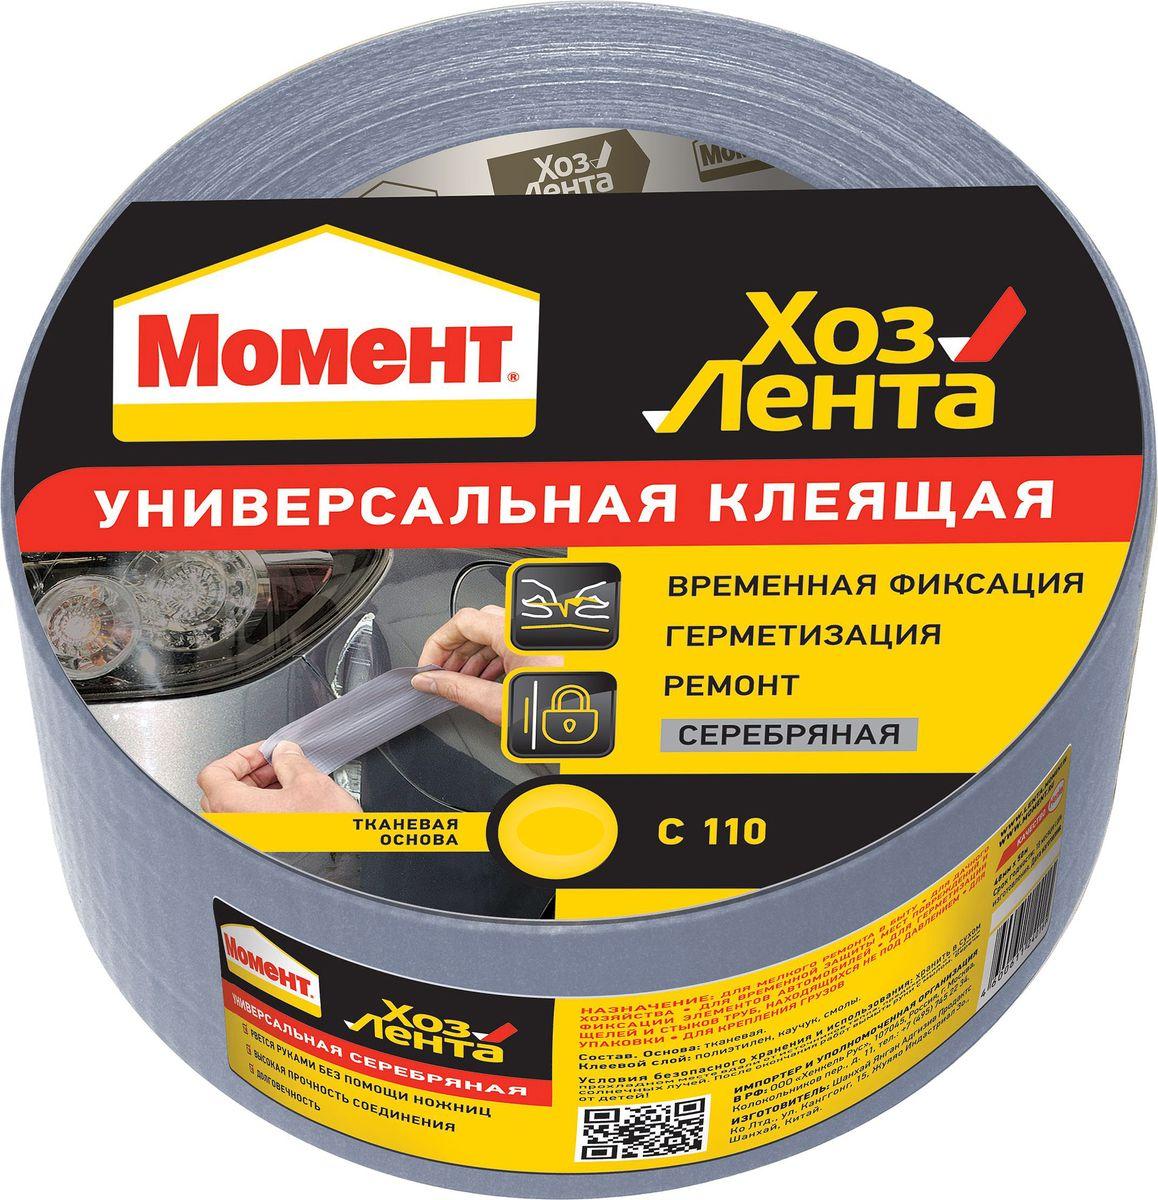 Лента клеящая Момент ХозЛента, универсальная, цвет: серебристый, 25 м1161083Универсальная липкая лента Момент ХозЛента на тканевой основе отлично подходит для широкого спектра работ по временному ремонту, герметизации и фиксации.Предназначена для мелкого ремонта в быту (починка инструментов, мебели, резиновых или пластмассовых шлангов), как временная защита мест повреждений кузова автомобиля, фар, фиксации любых элементов. Незаменима в дачном хозяйстве для герметизации покрывных пленок, починки садового инвентаря, временной герметизации водостоков и т. д. Применяется в системах кондиционирования, вентиляции, водоснабжения, отопления: для обмотки труб, для герметизации щелей и стыков труб, находящихся не под давлением.Приклеивается к различным основам, например, камню, бетону, дереву, пластмассе, металлу, стеклу, любым гладким и окрашенным поверхностям.Особенности ленты:- Высокая прочность соединения.- Водостойкость.- Высокая теплостойкость.- Долговечность.Ширина ленты: 48 мм.